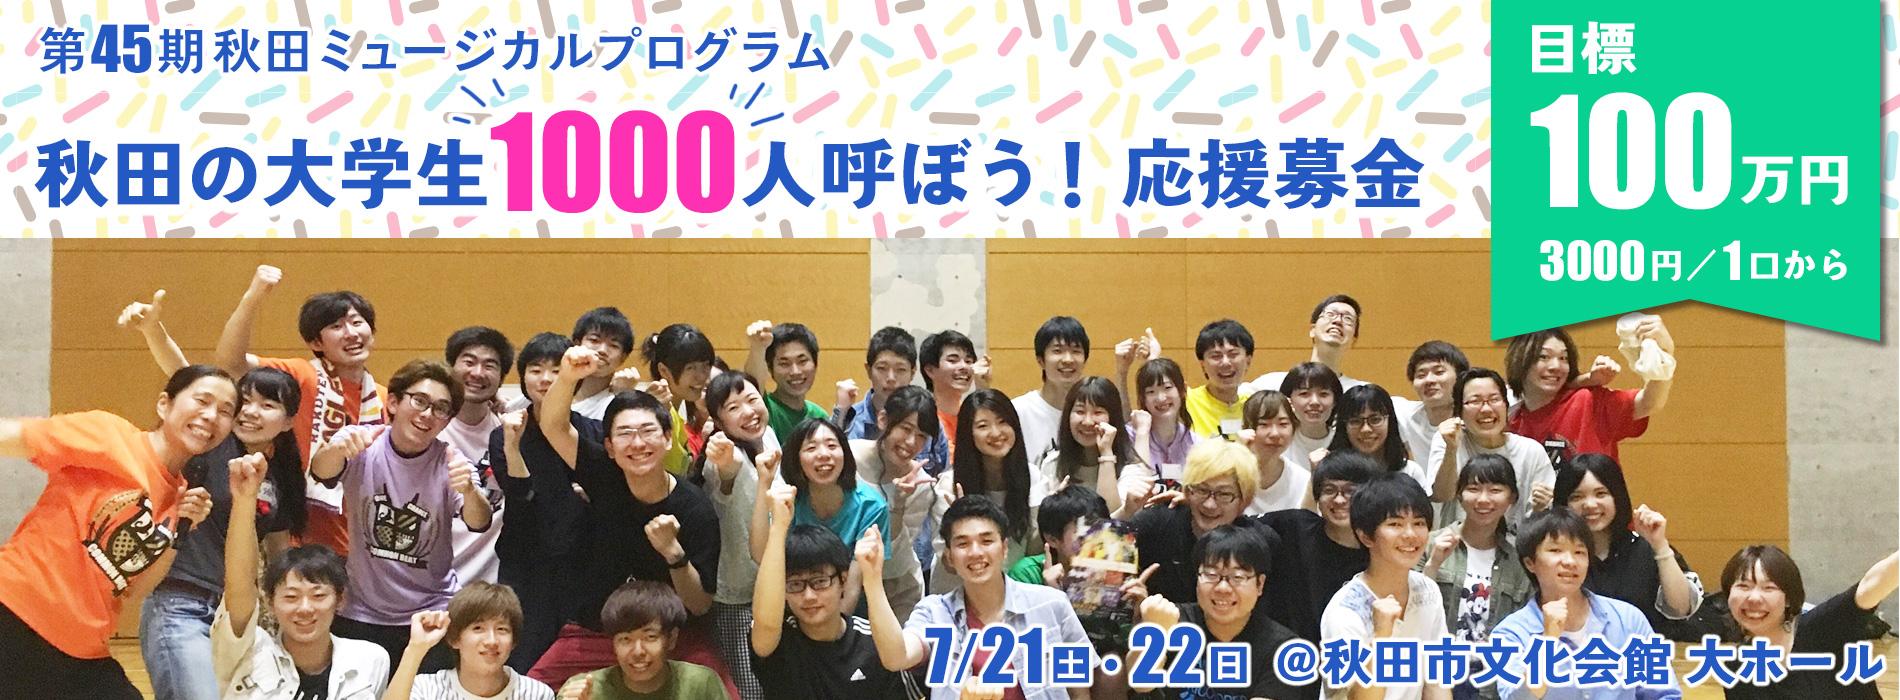 秋田学生1000人呼ぼう応援募金